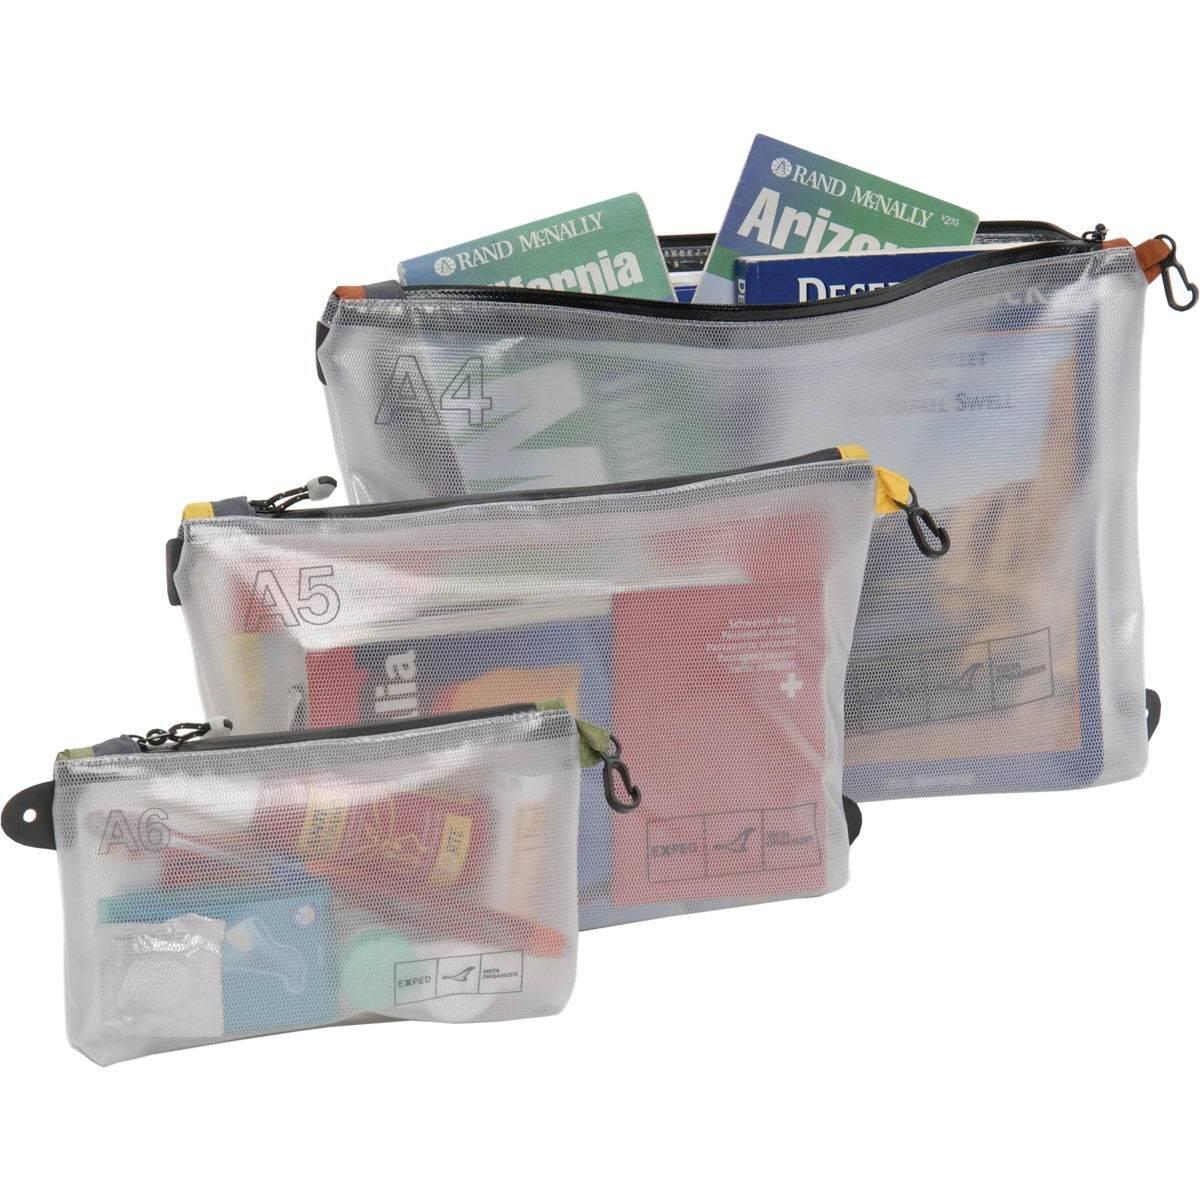 EXPED Vista Organiser - Tasche A4